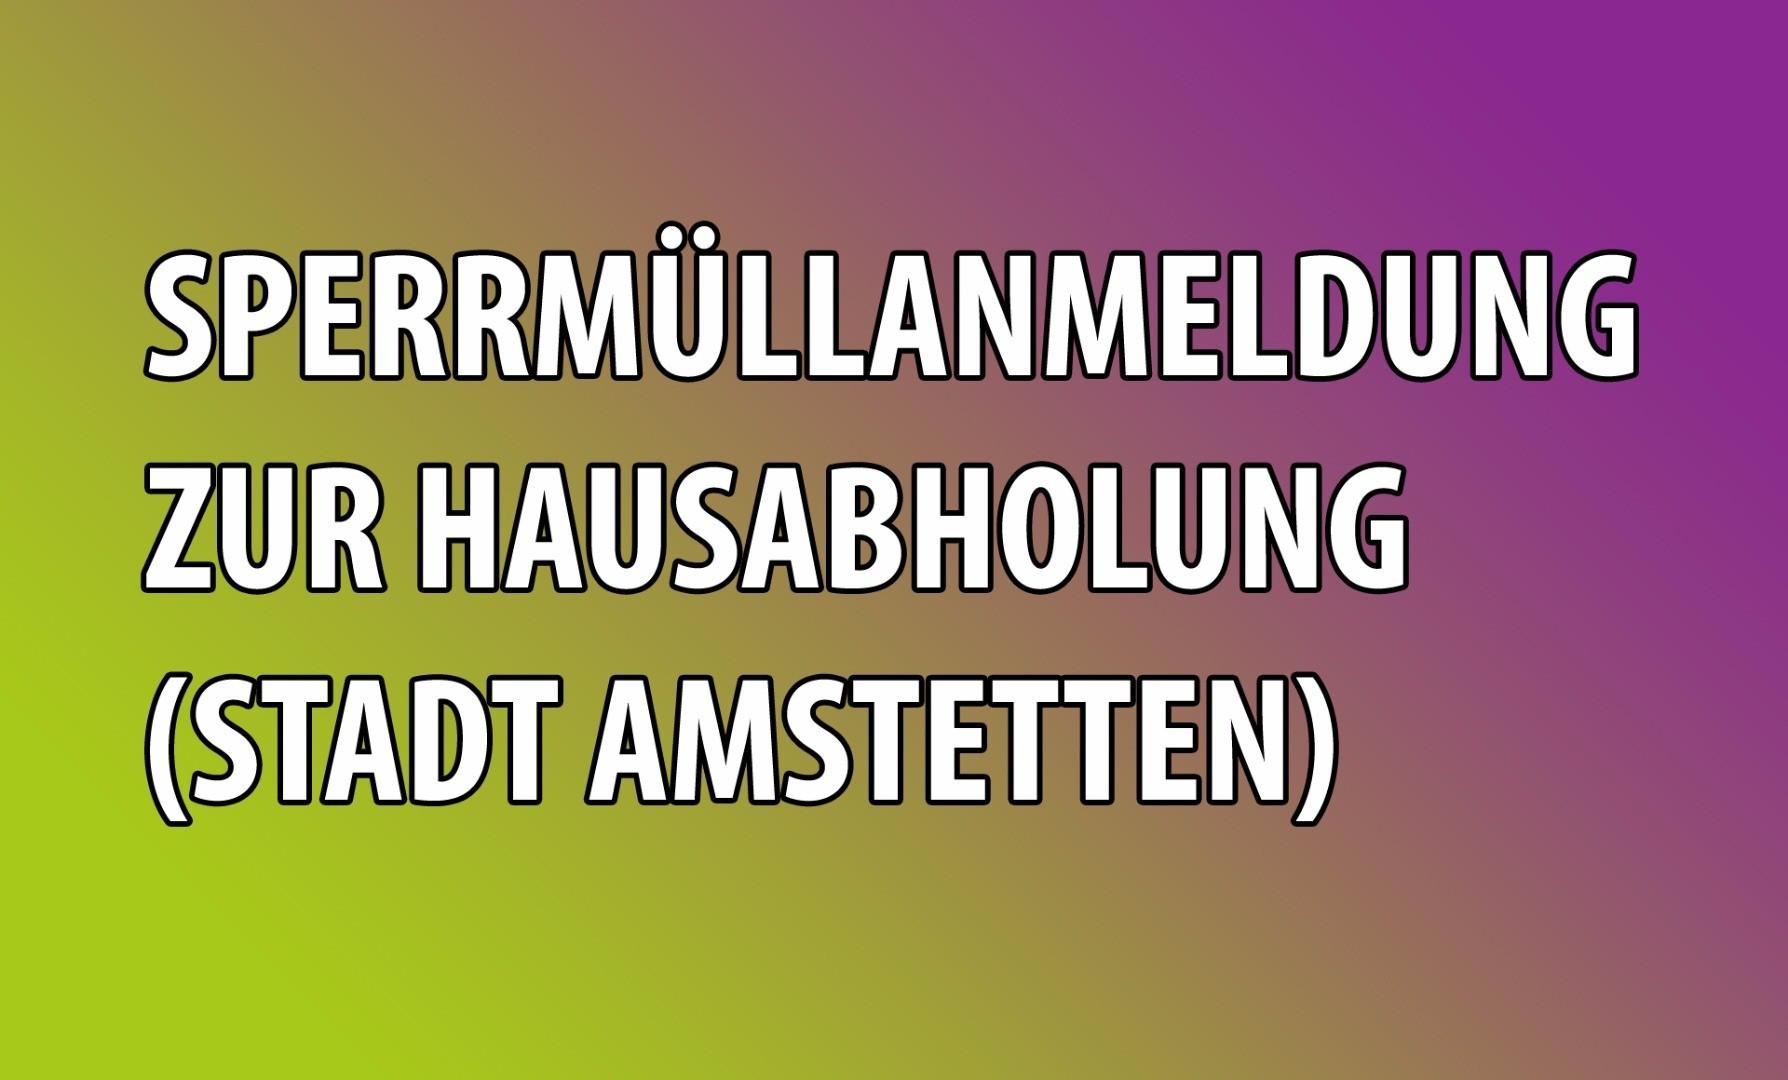 Sperrmuell_amstetten.jpg